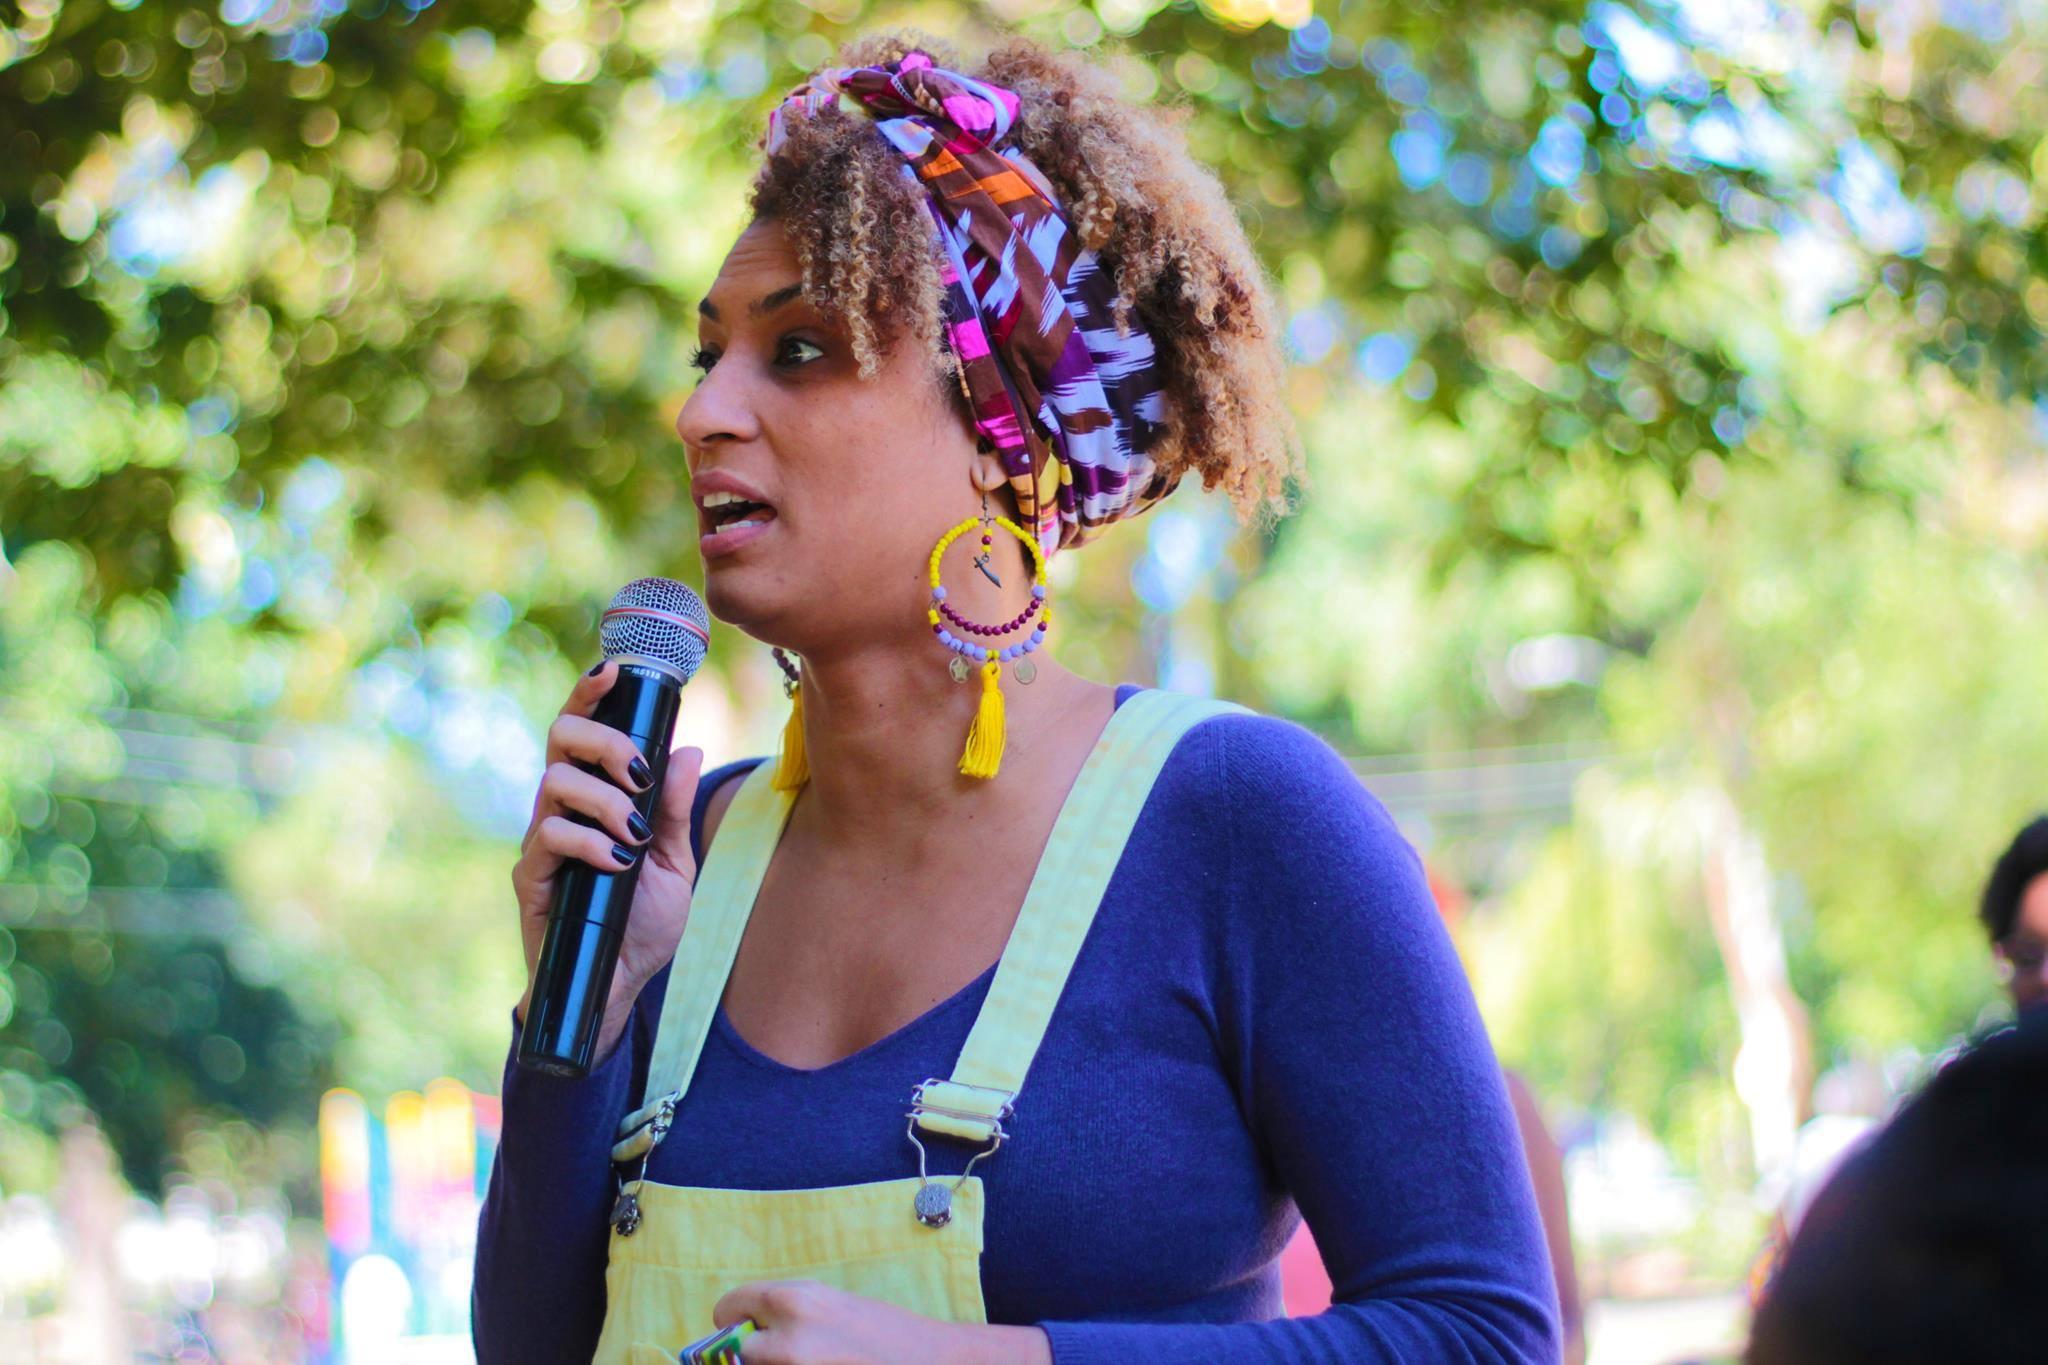 marielle franco falando em um microfone. Mulher negra de cabelos crespos castanhos, lenço colorido na cabeça e blusa azul